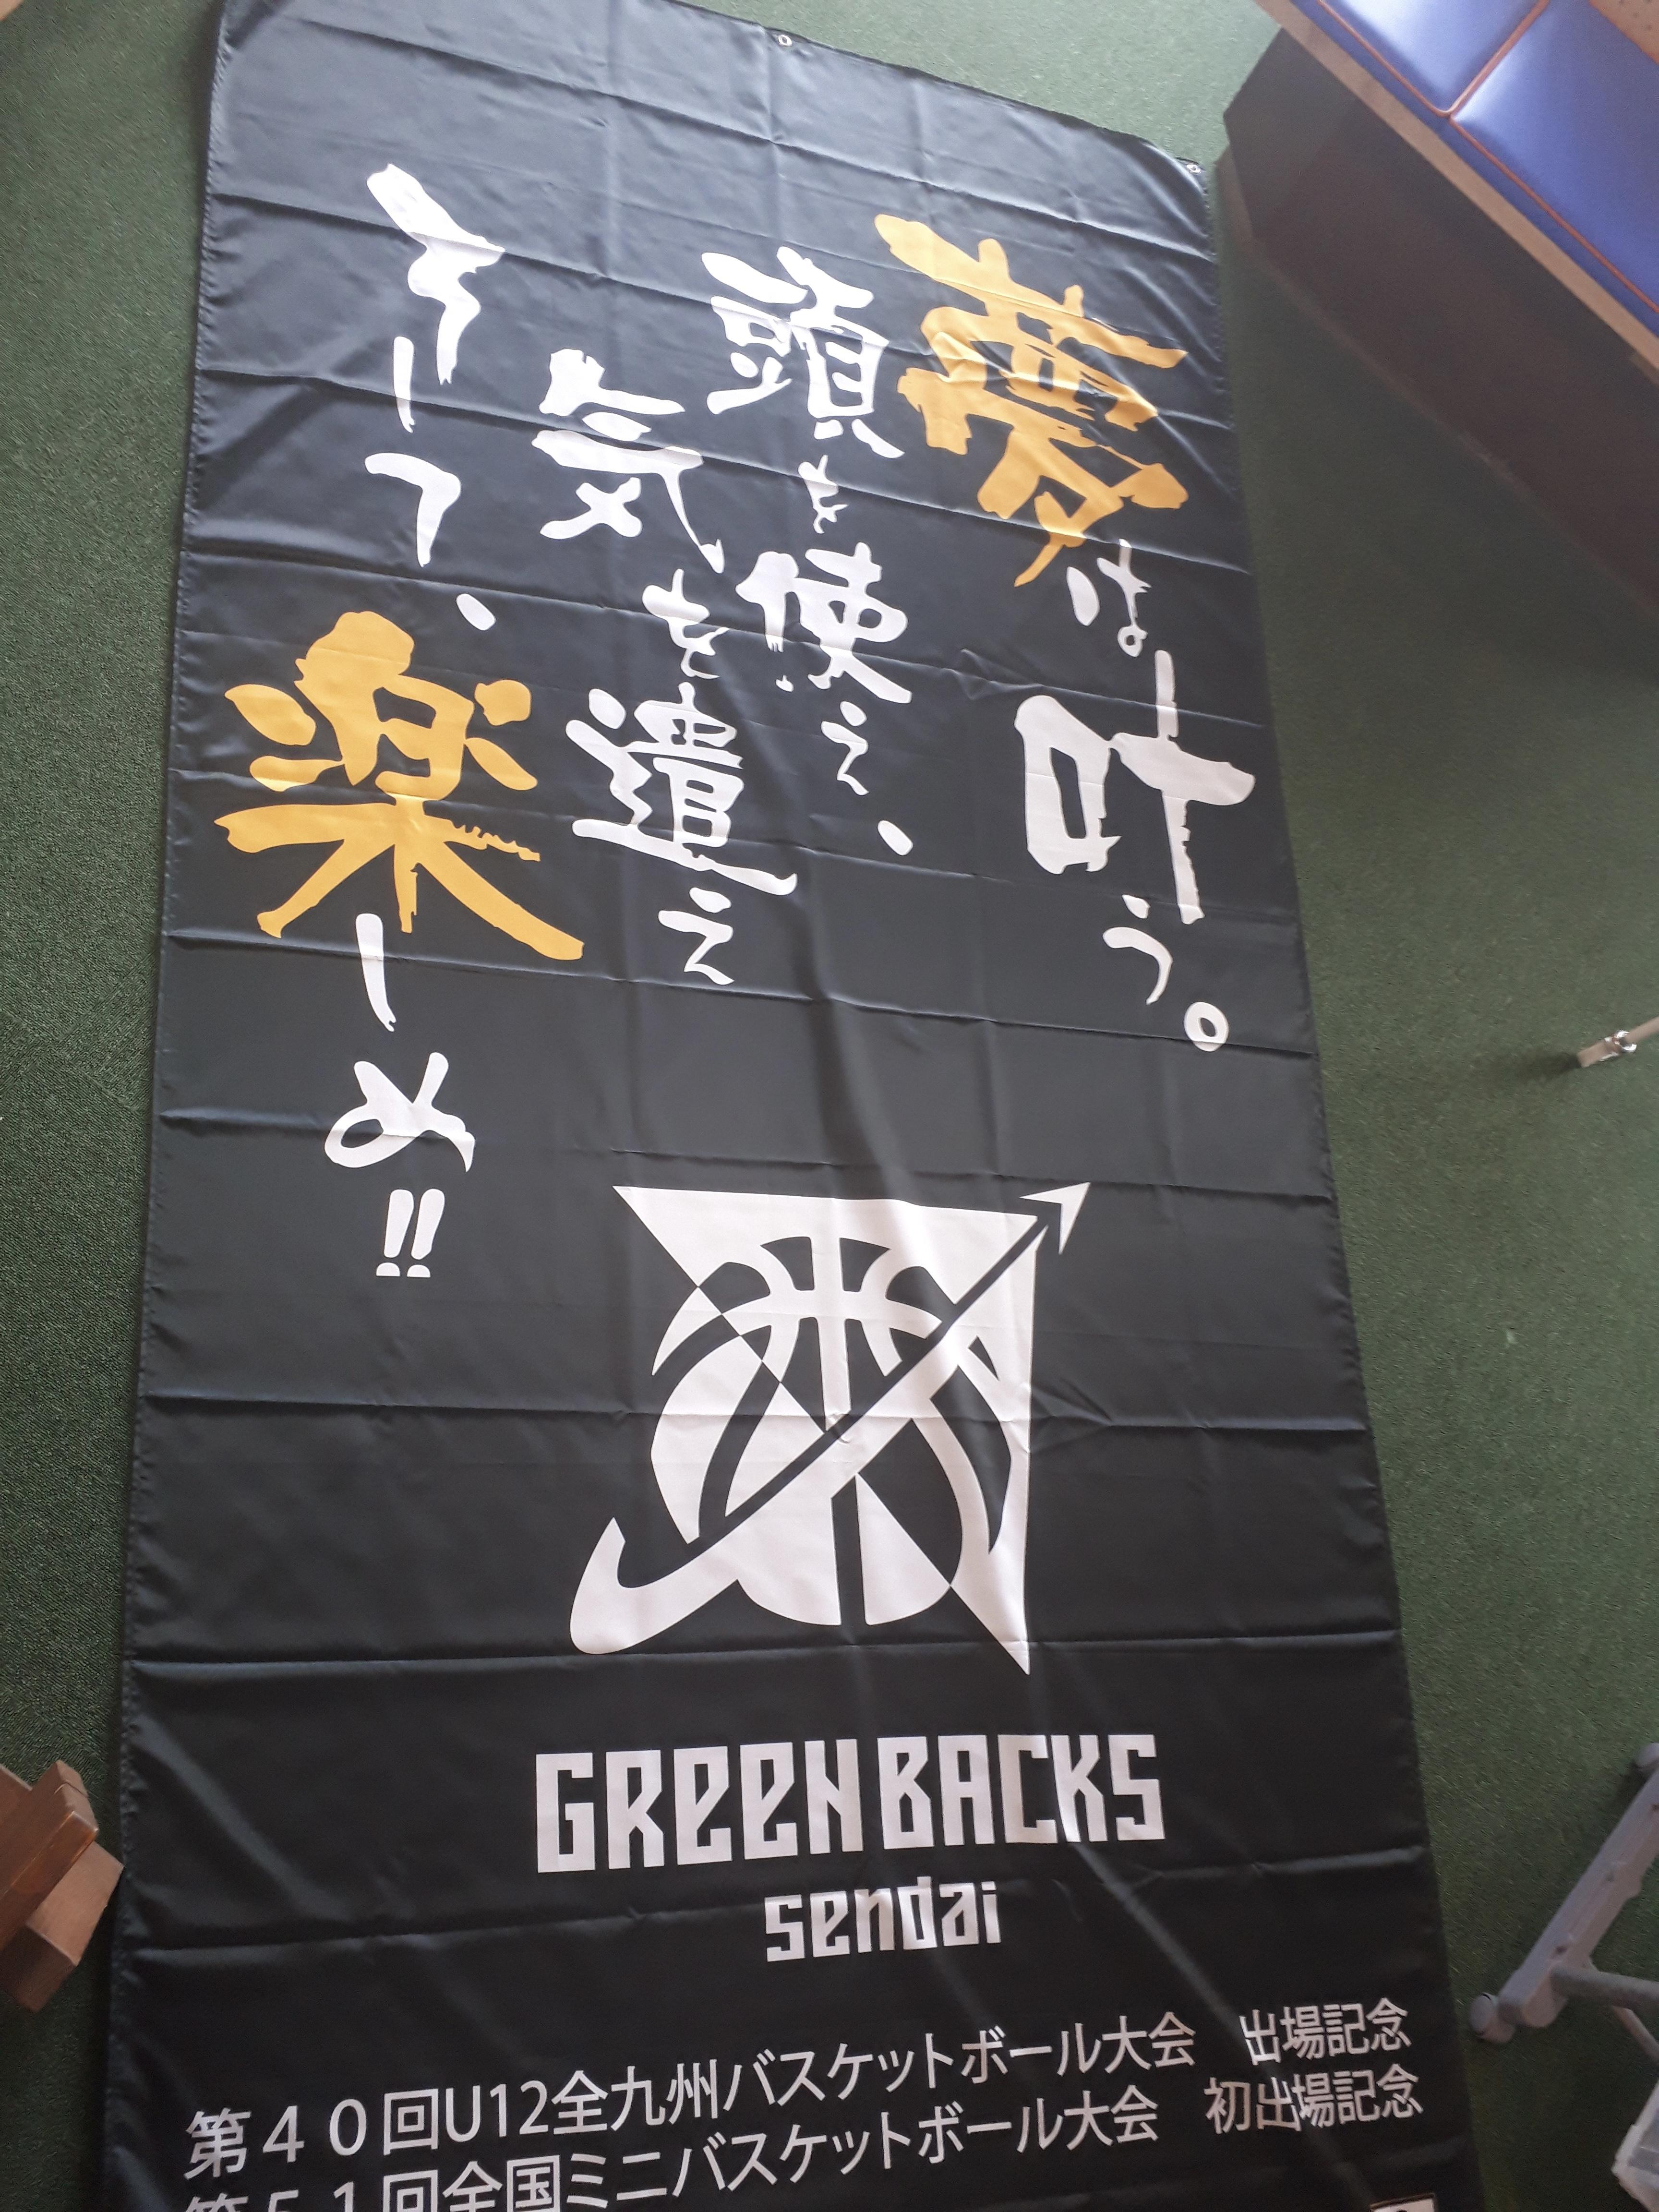 【デザインサンプル】川内GREENBACKS(U12・男子) 昇華フラッグ